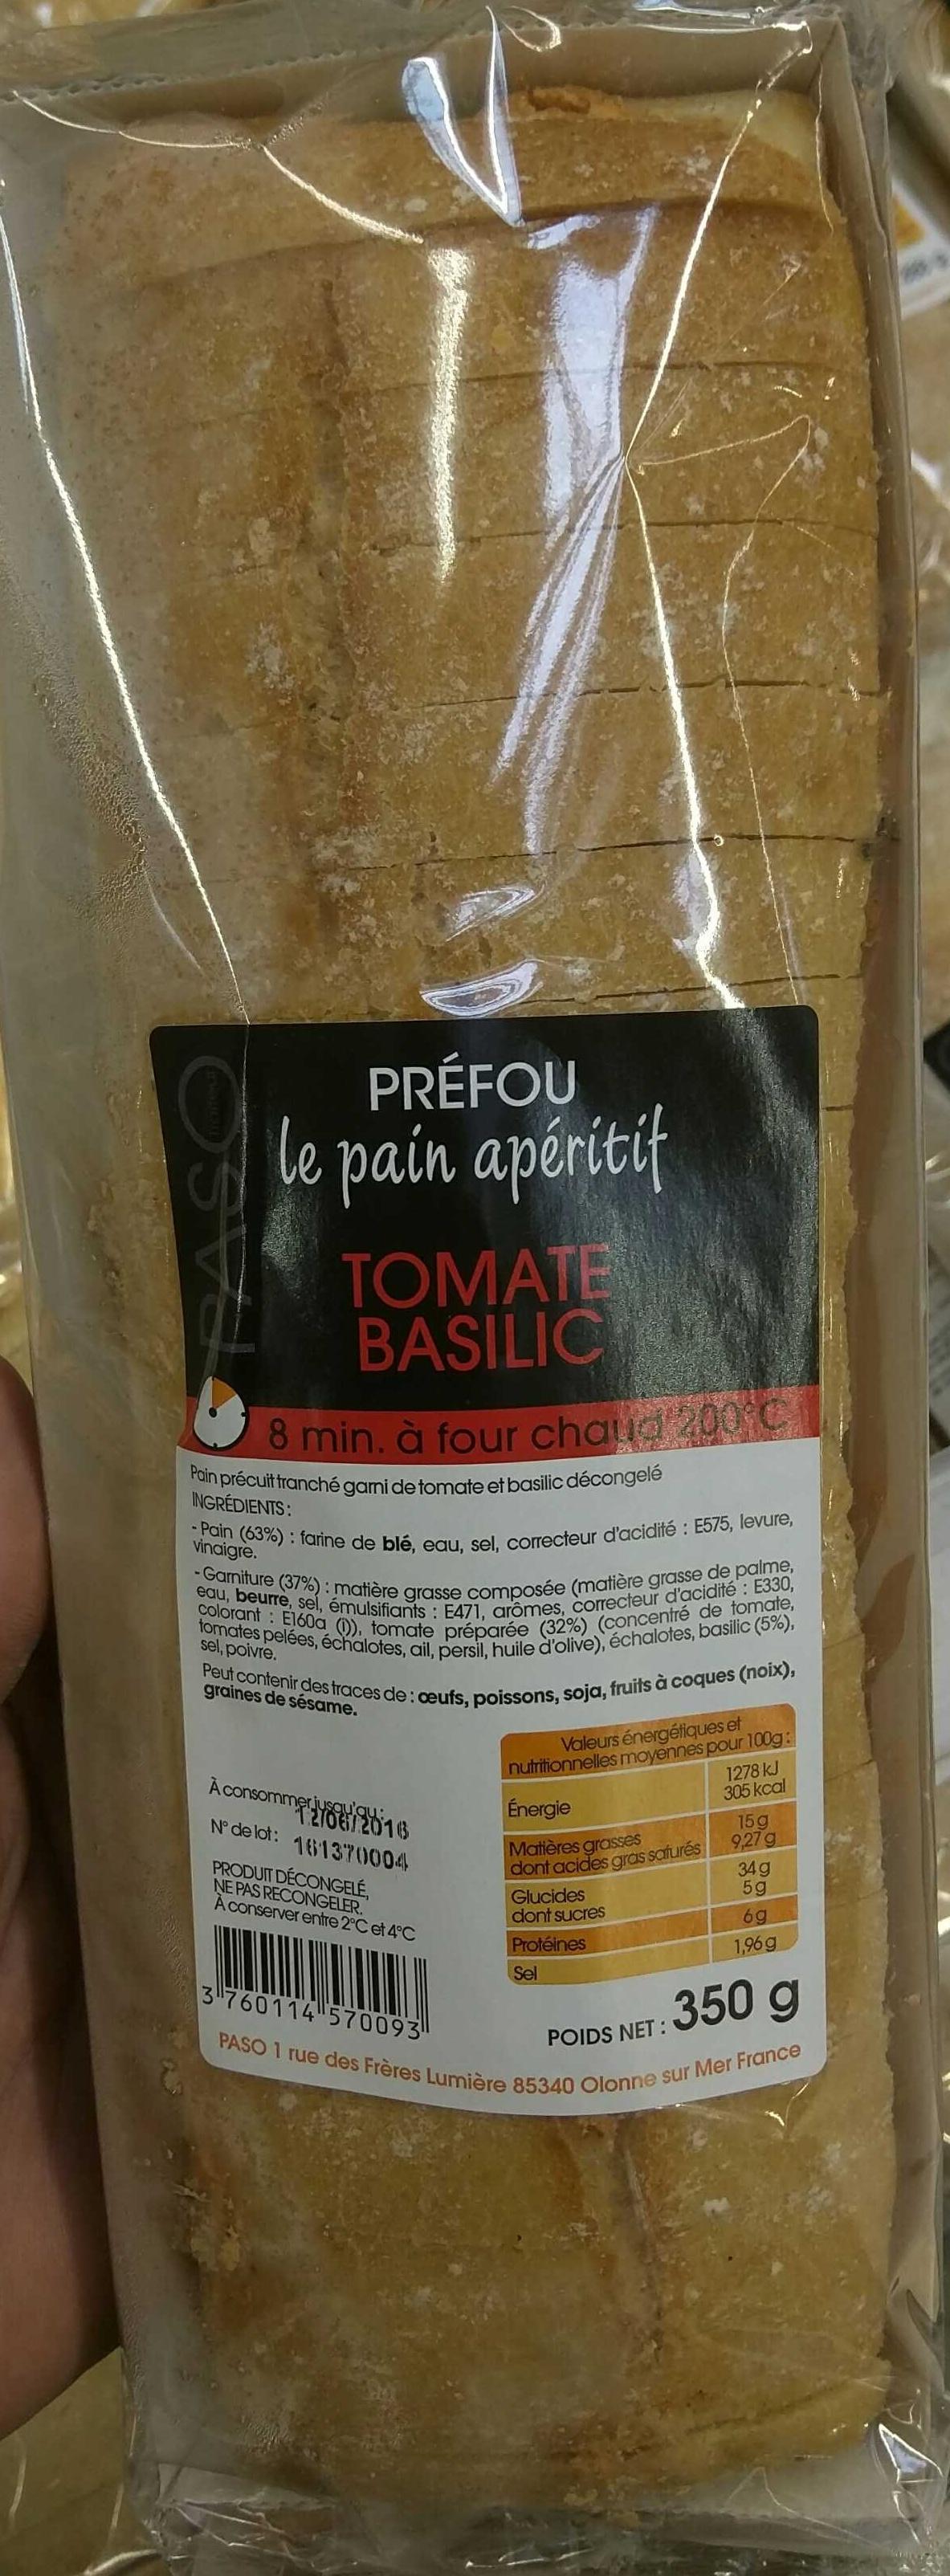 Préfou Le Pain Apéritif Tomate Basilic - Produit - fr